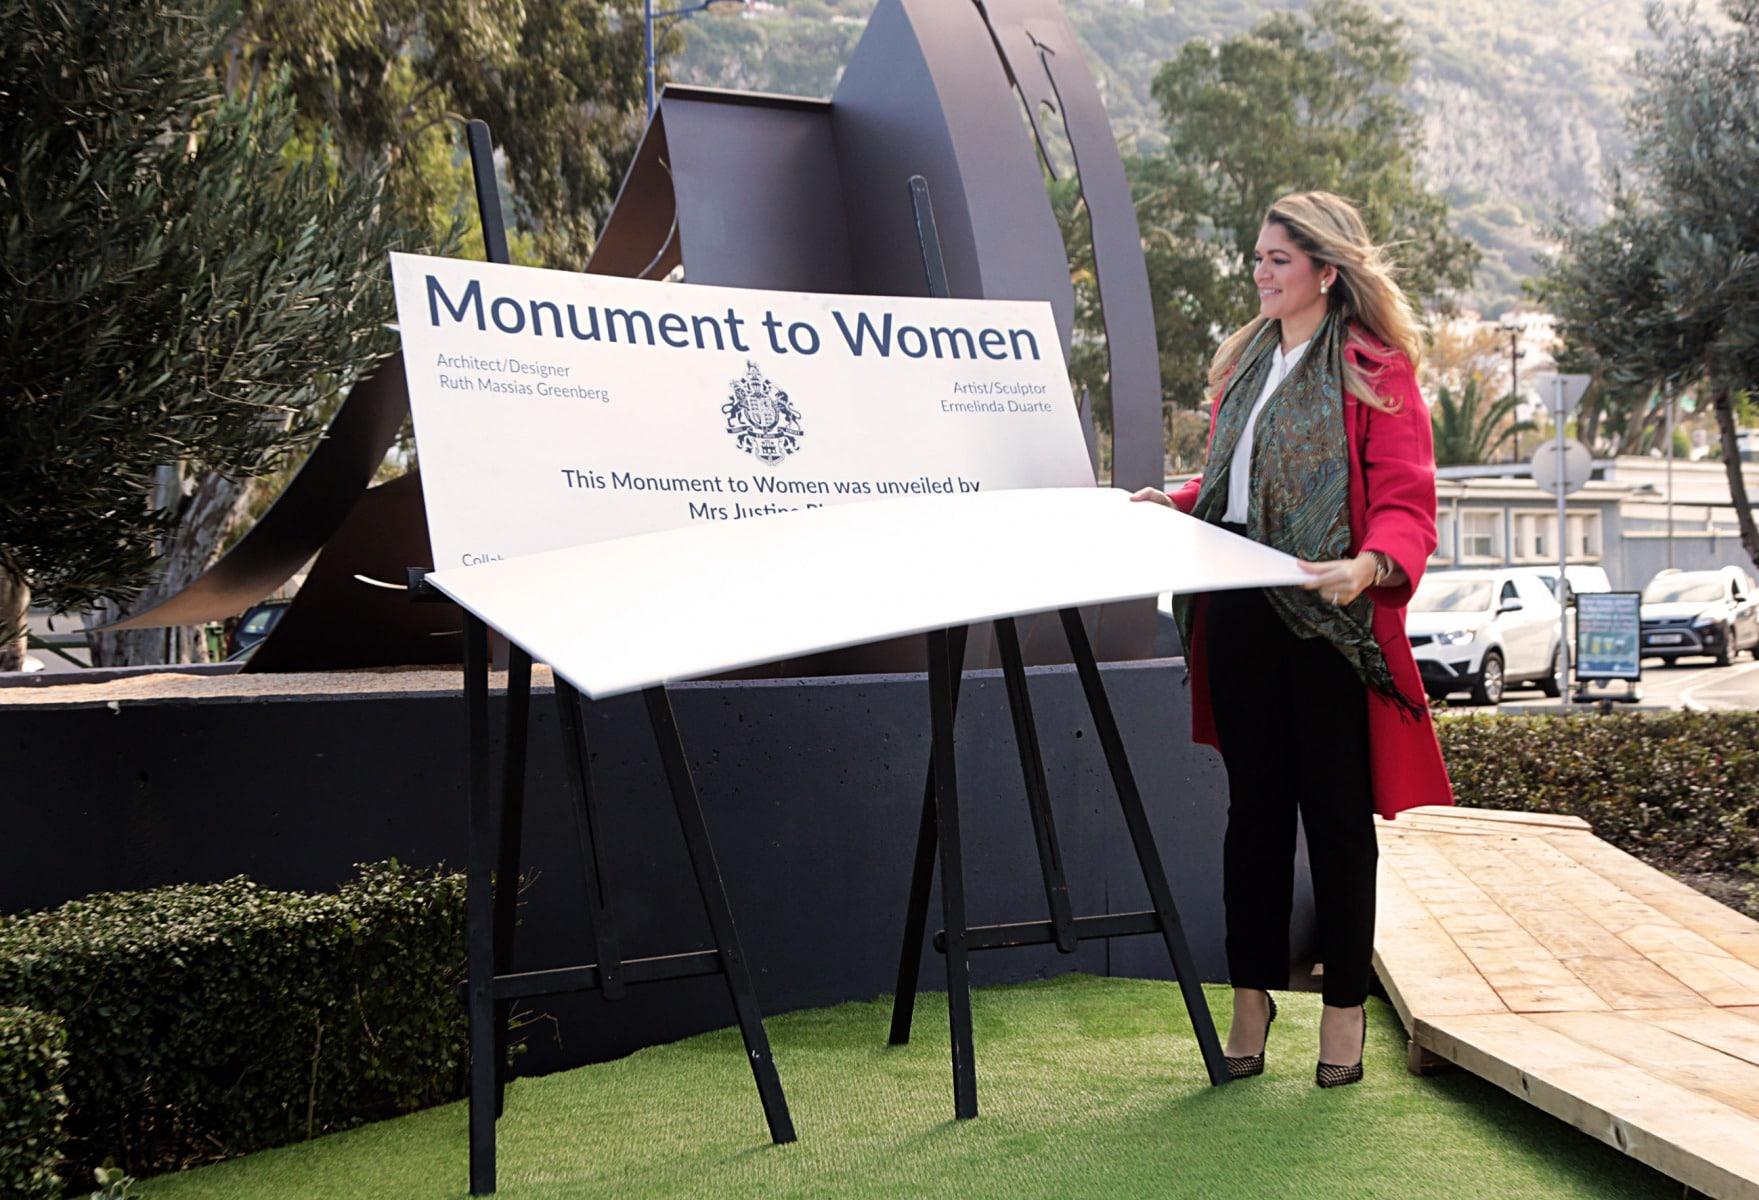 inauguracin-del-monumento-a-la-mujer-en-gibraltar_31093429780_o